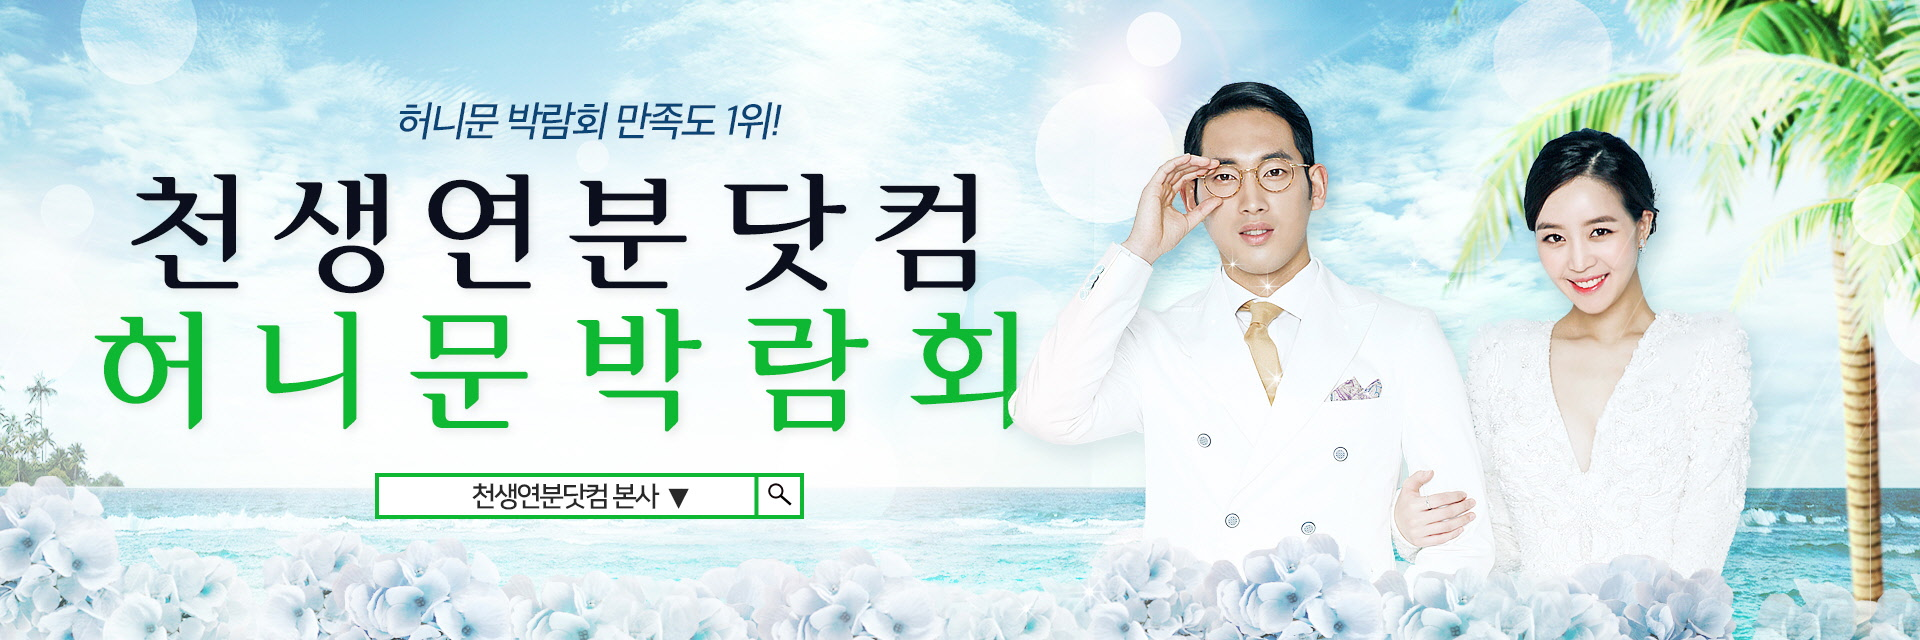 천생연분닷컴 허니문 박람회 PC메인배너